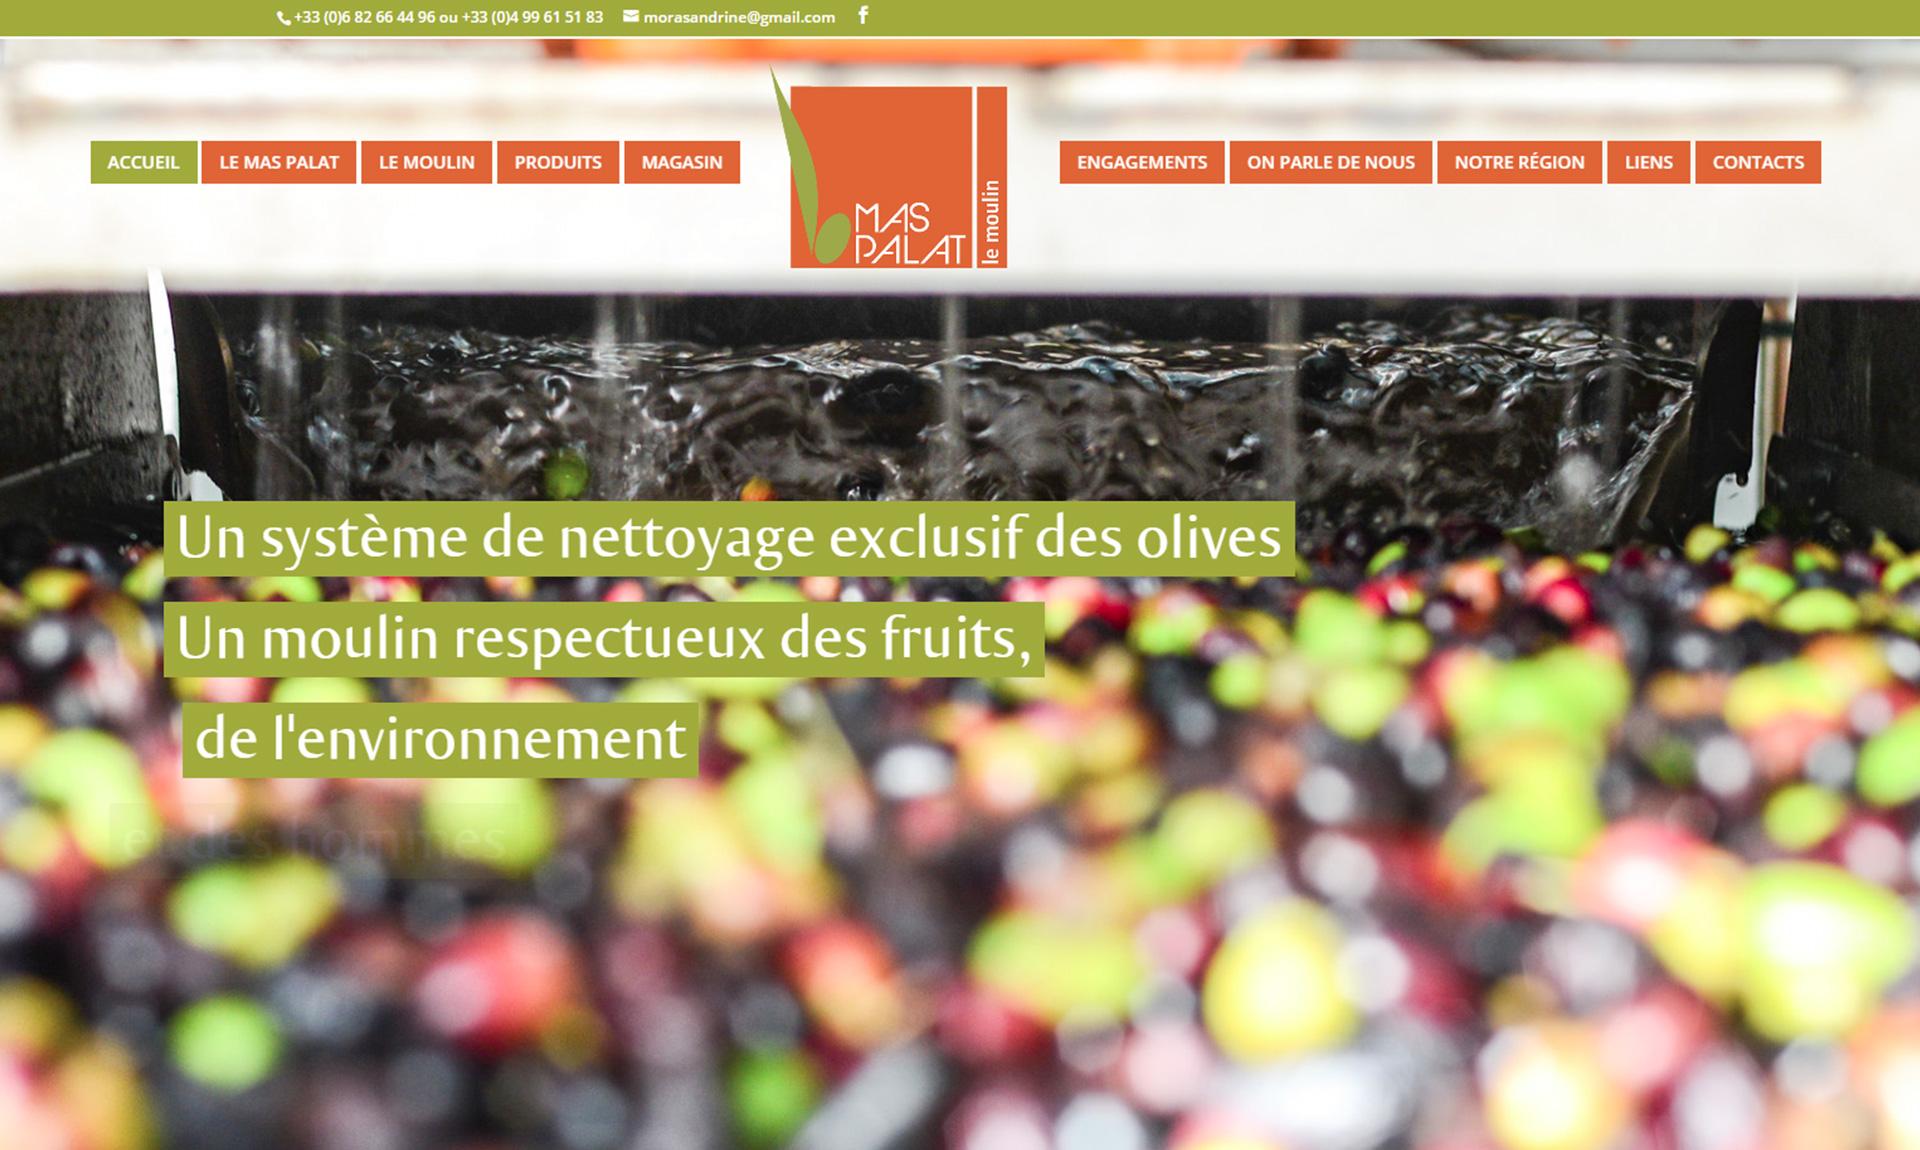 Vente en ligne d'huile d'olive, de tapenade et de produits oléicoles